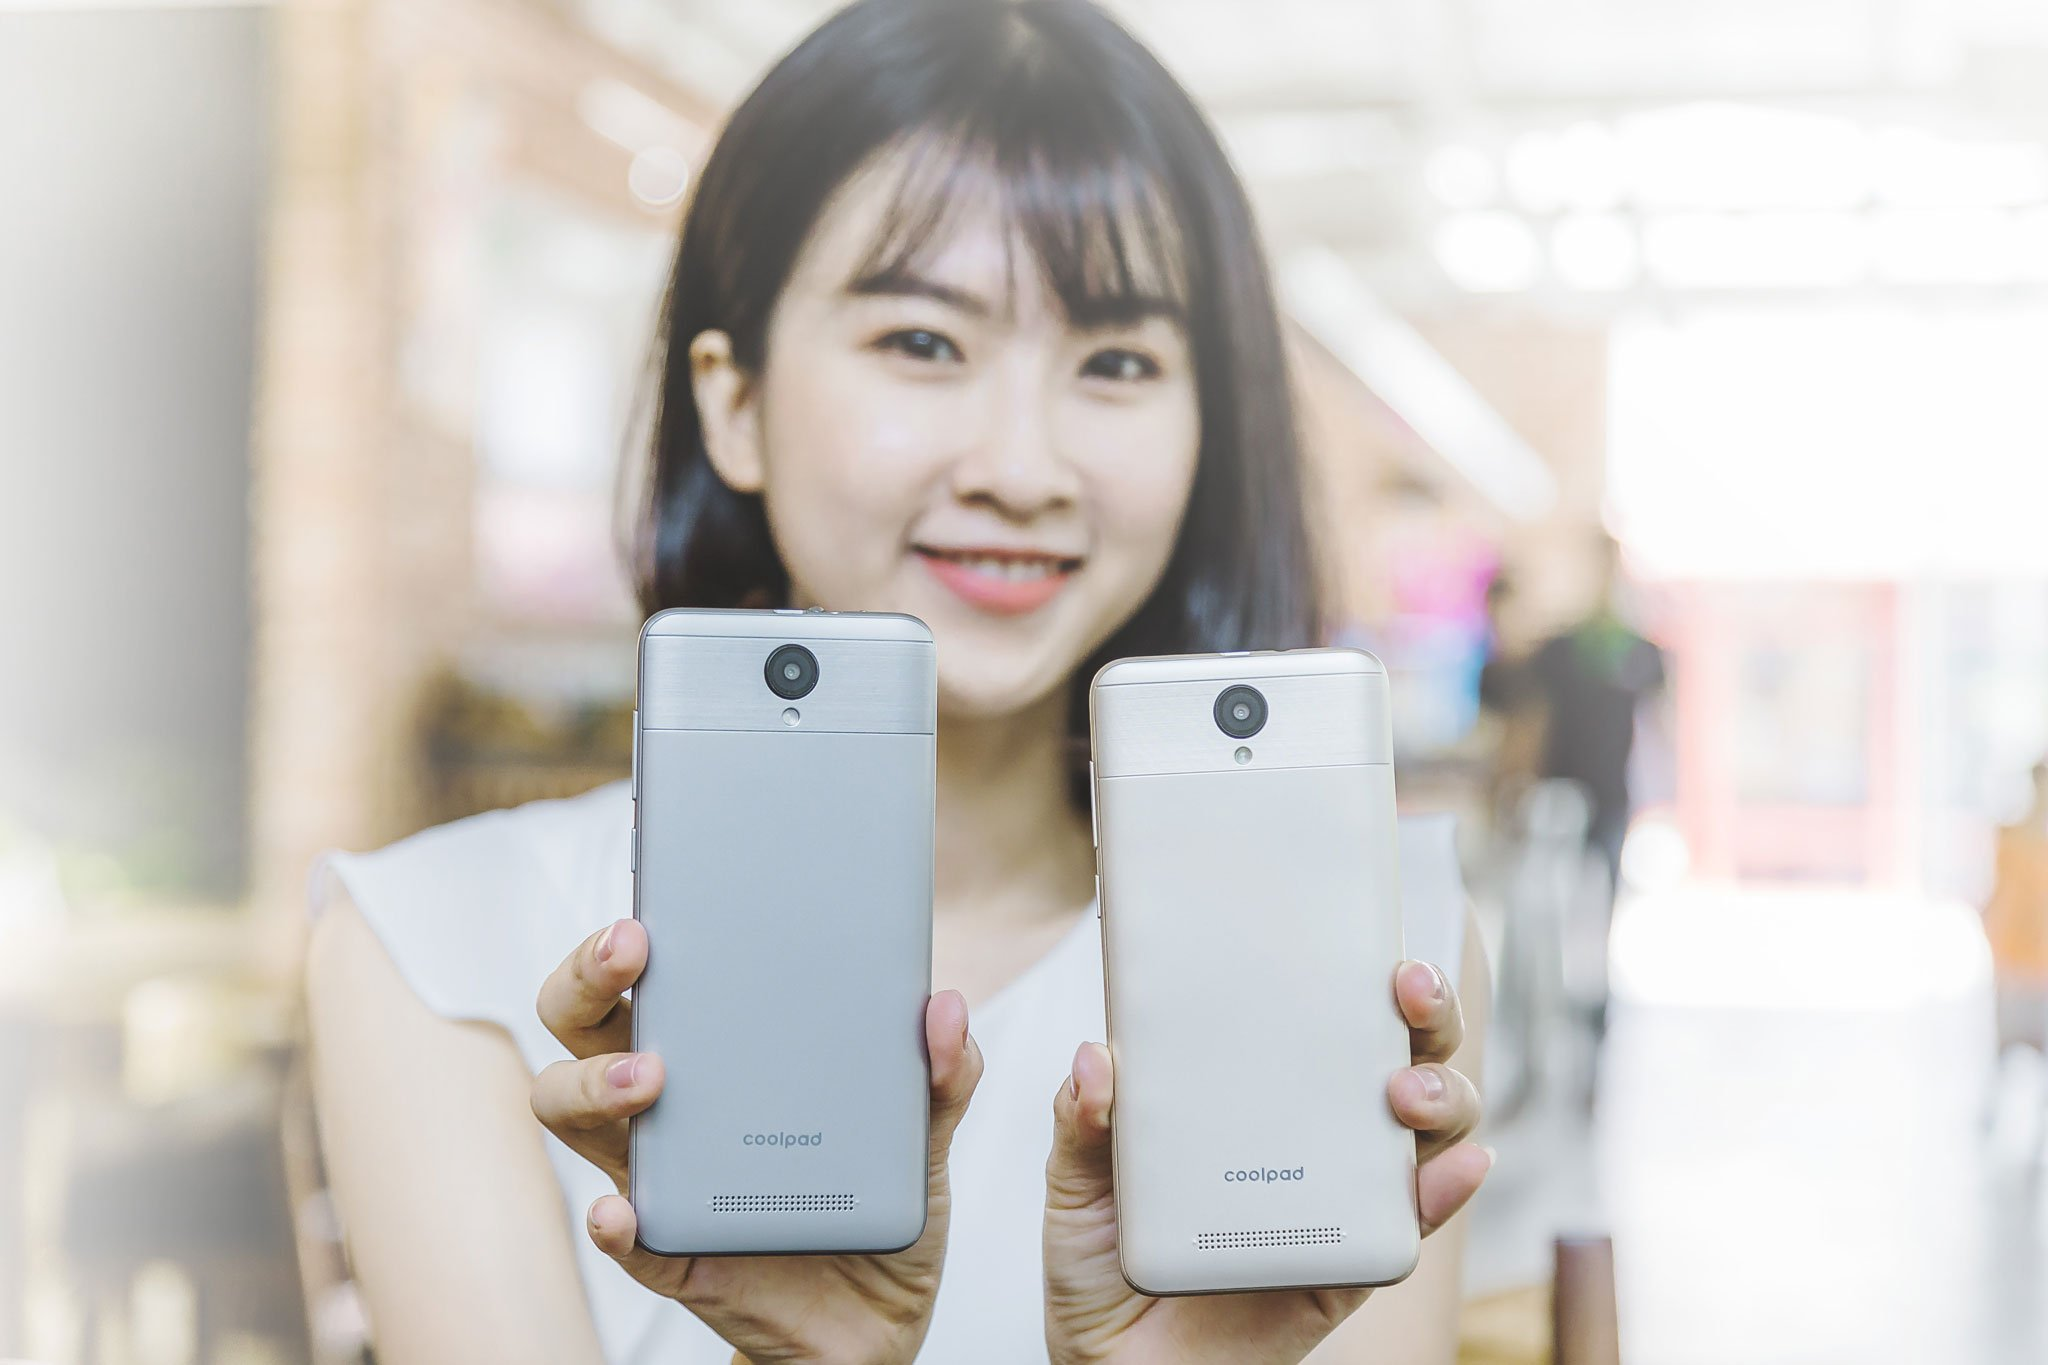 Smartcom chính thức ra mắt bộ đôi Coolpad N3C và N5C